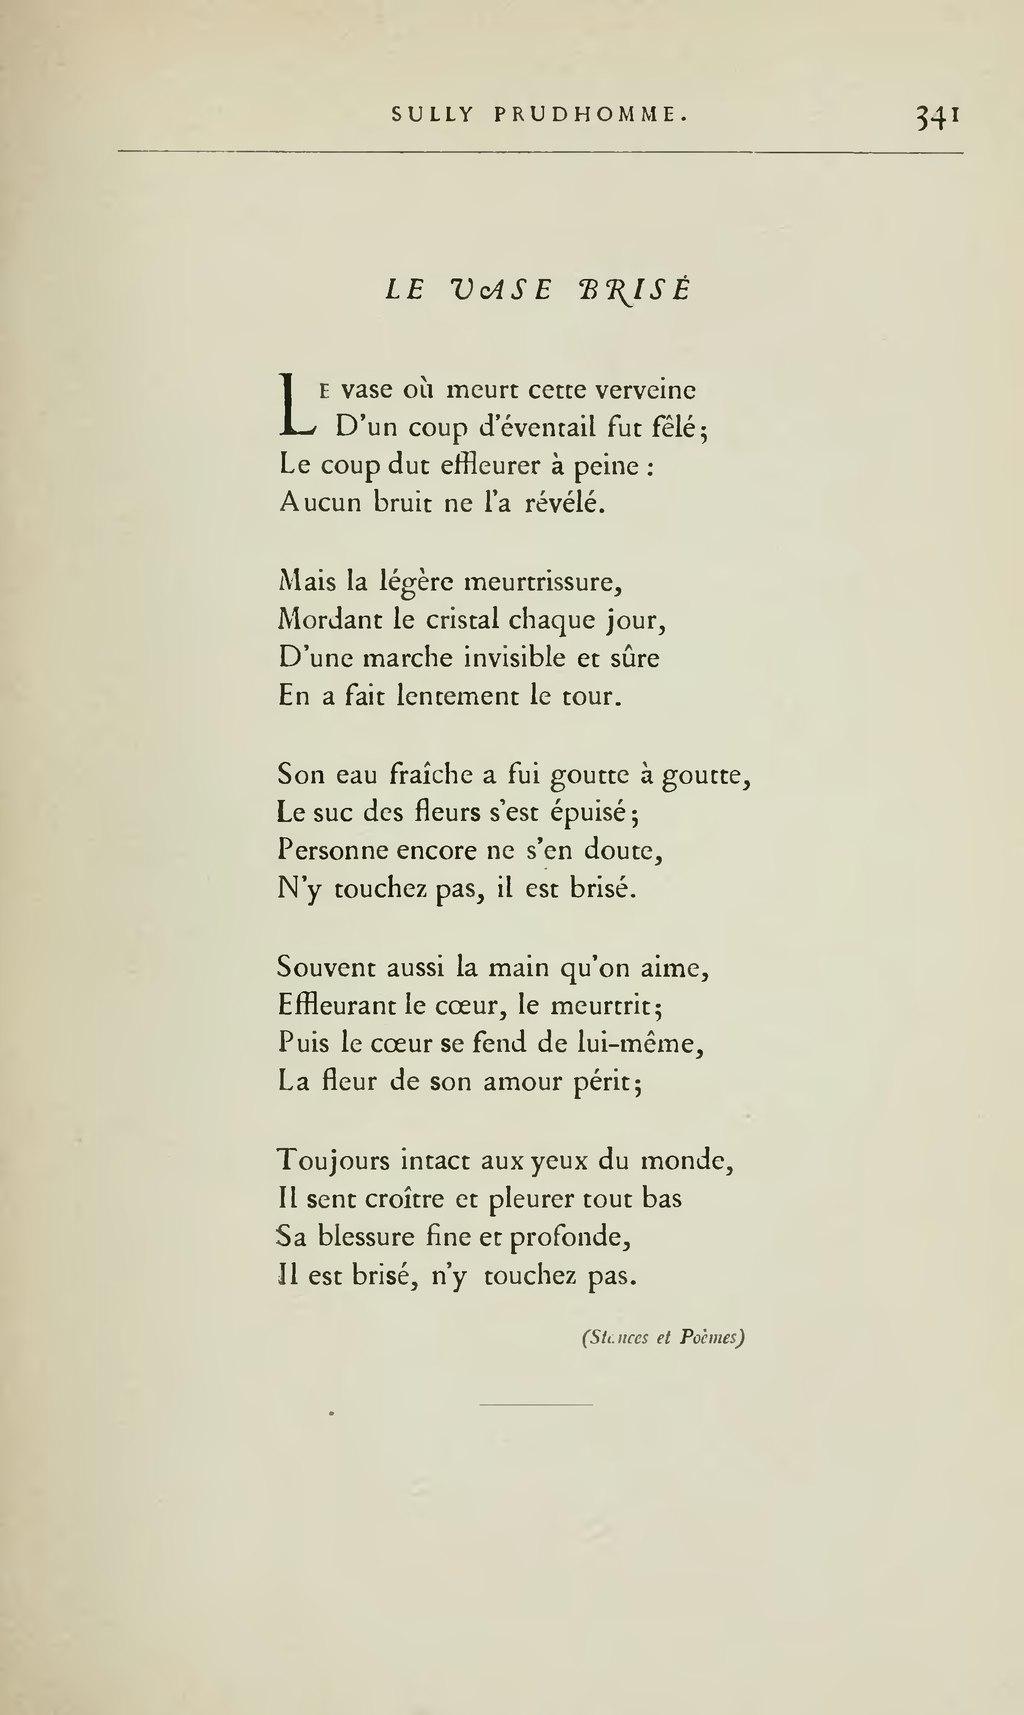 Poème D'amour Du 19ème Siècle : poème, d'amour, 19ème, siècle, Page:Lemerre, Anthologie, Poètes, Français, XIXème, Siècle,, 1887.djvu/363, Wikisource